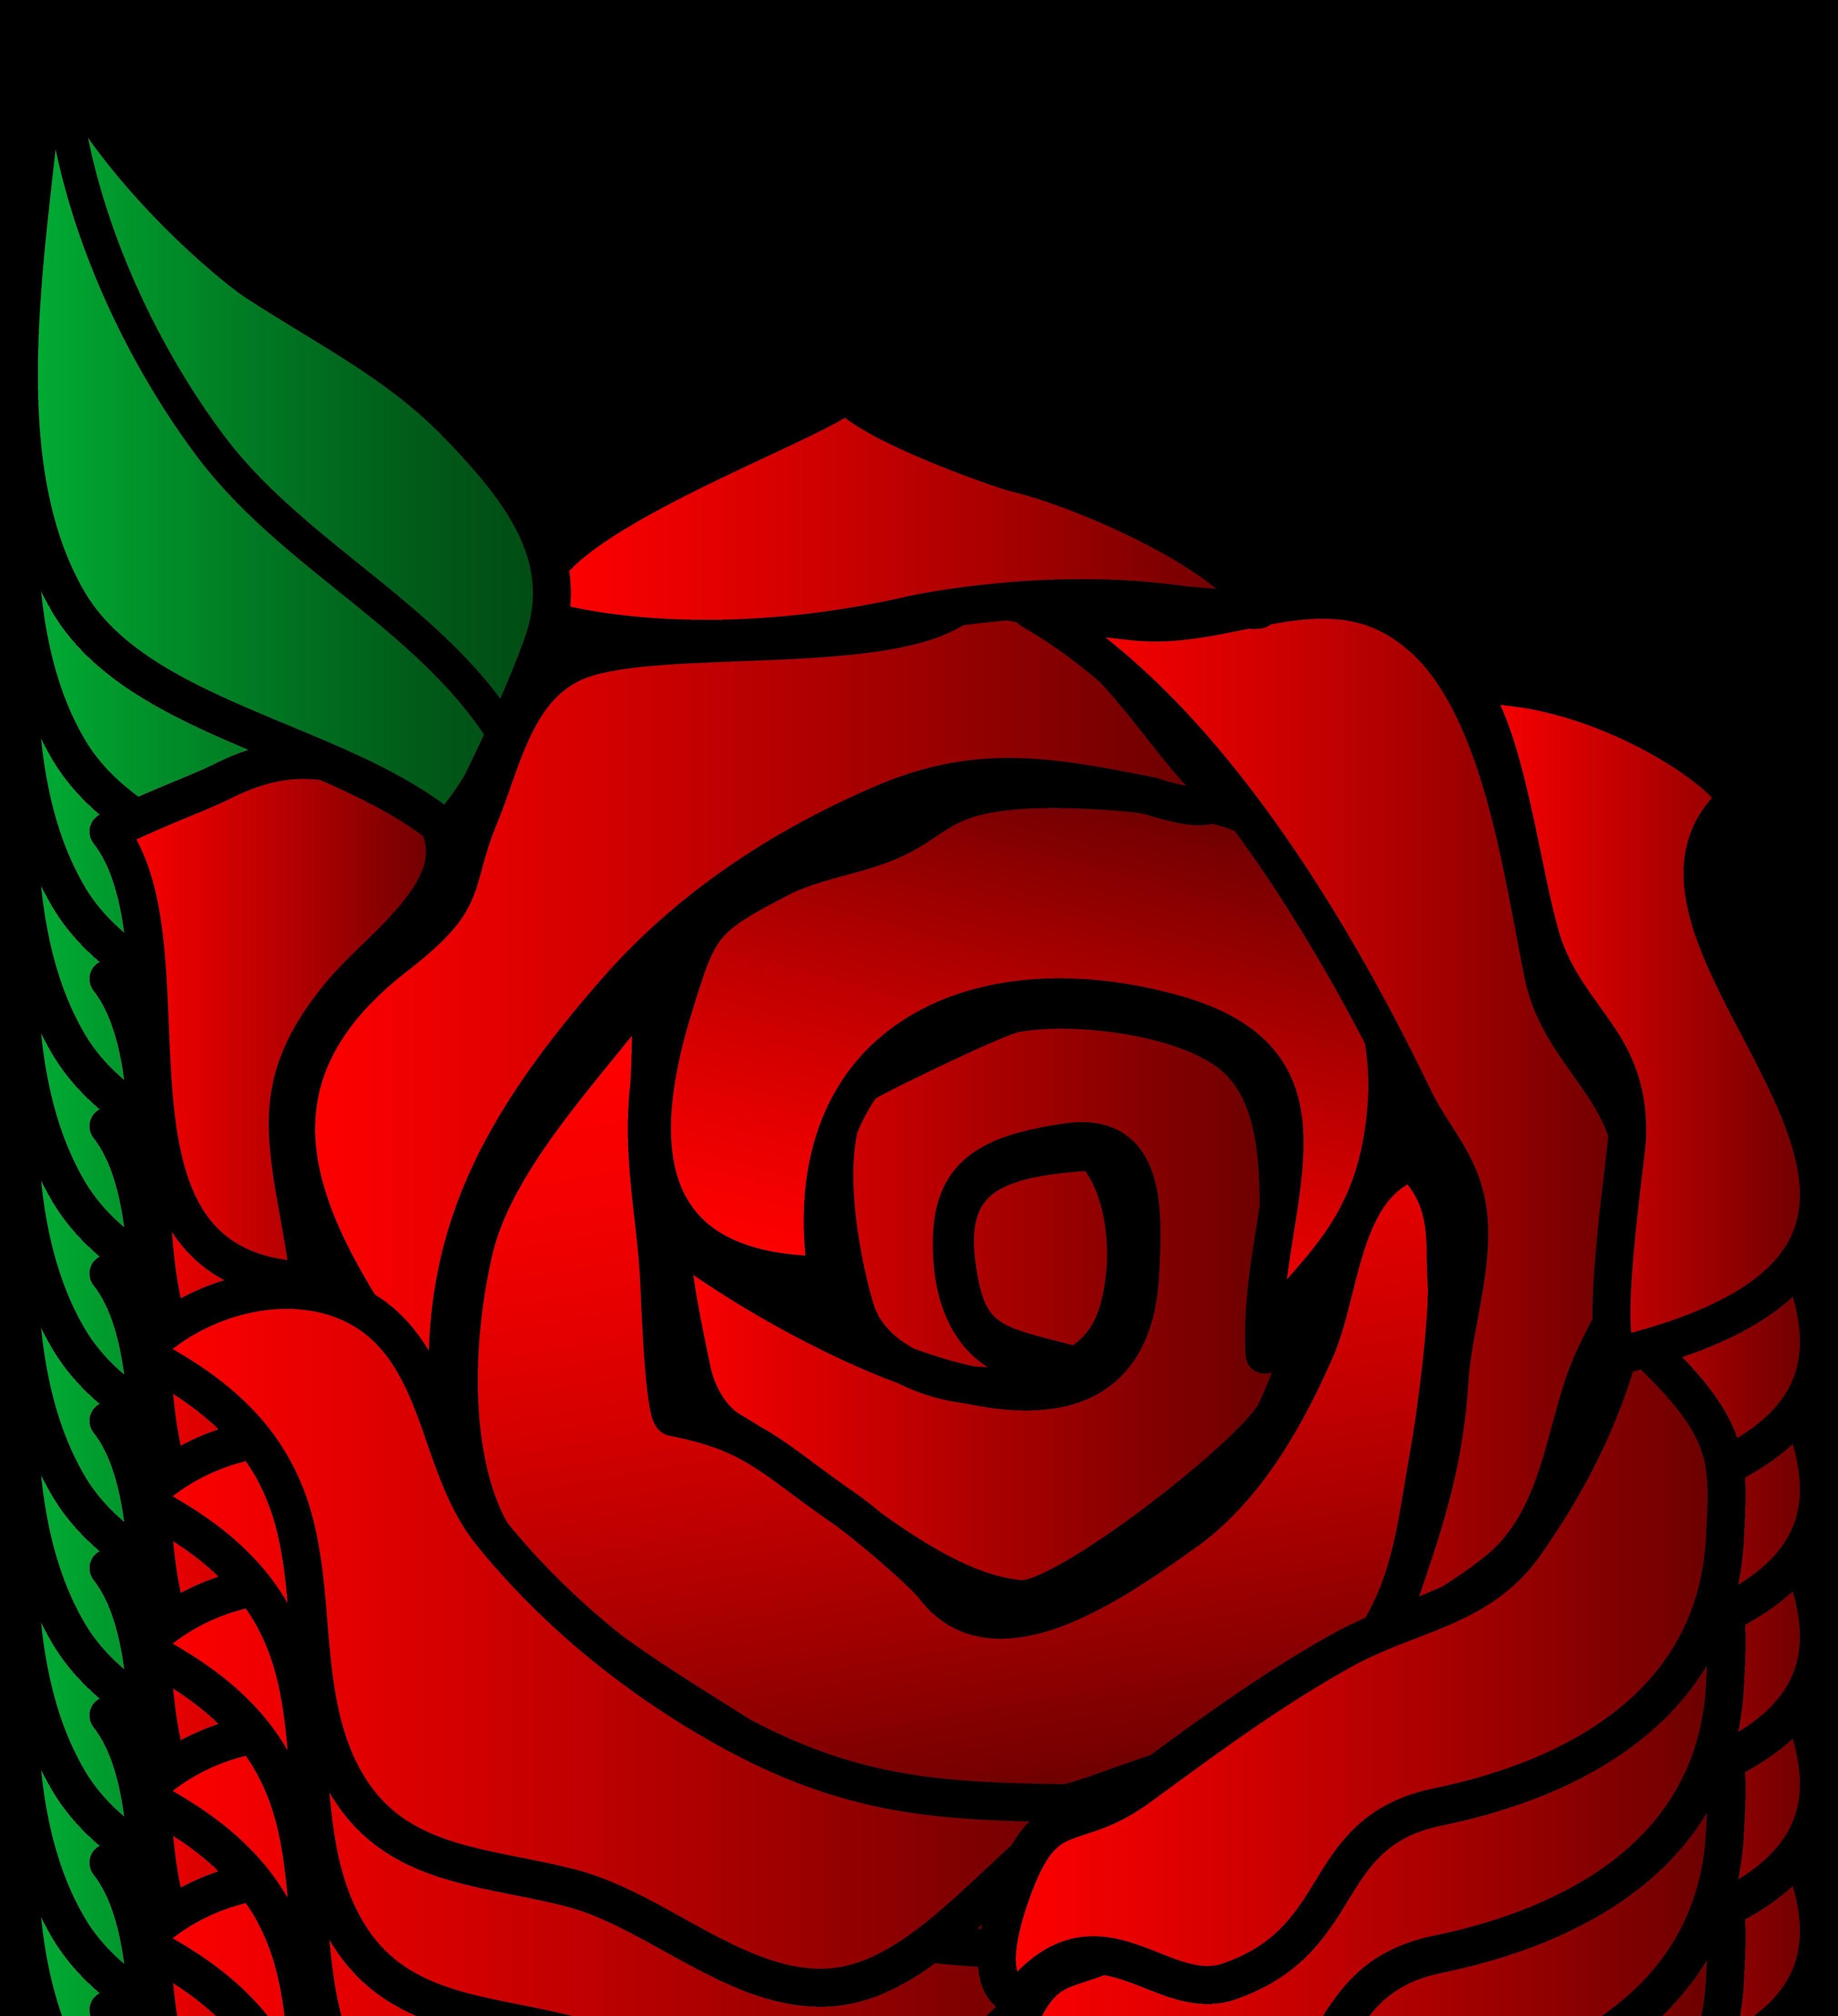 roses cartoon cliparts co rose clip art public domain rose clip art public domain